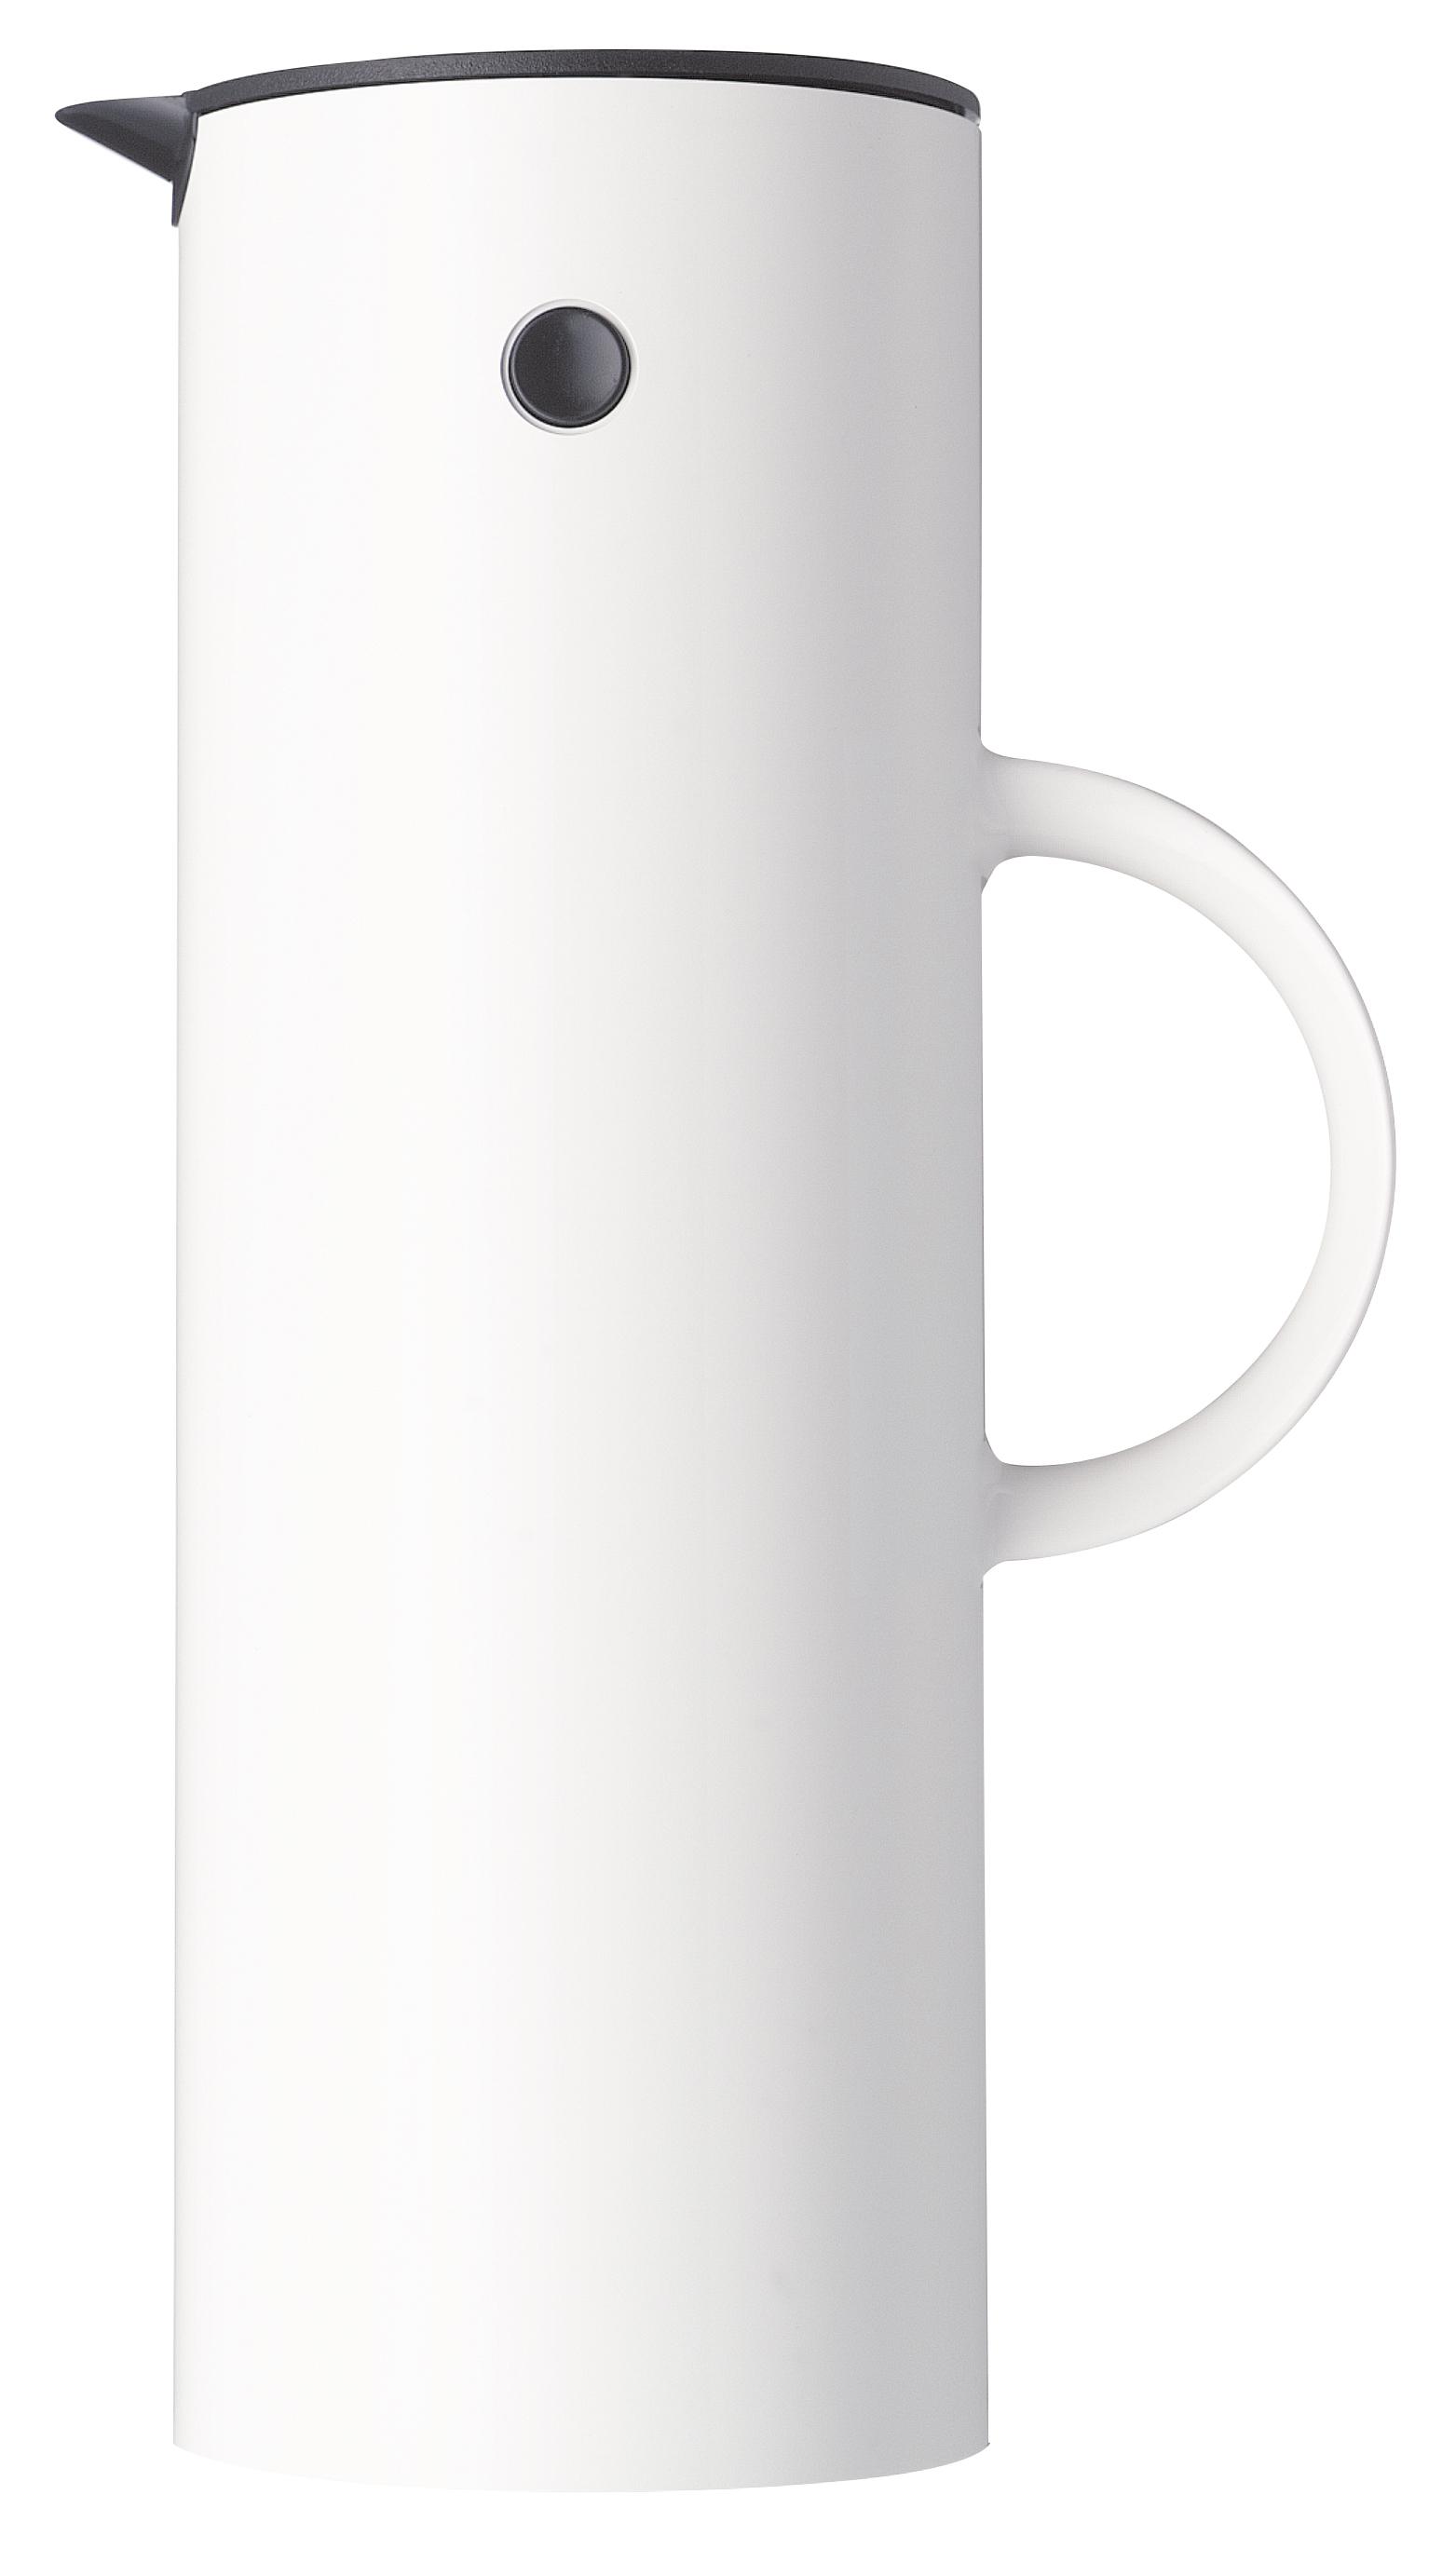 Stelton EM77 Isolierkanne 1L White